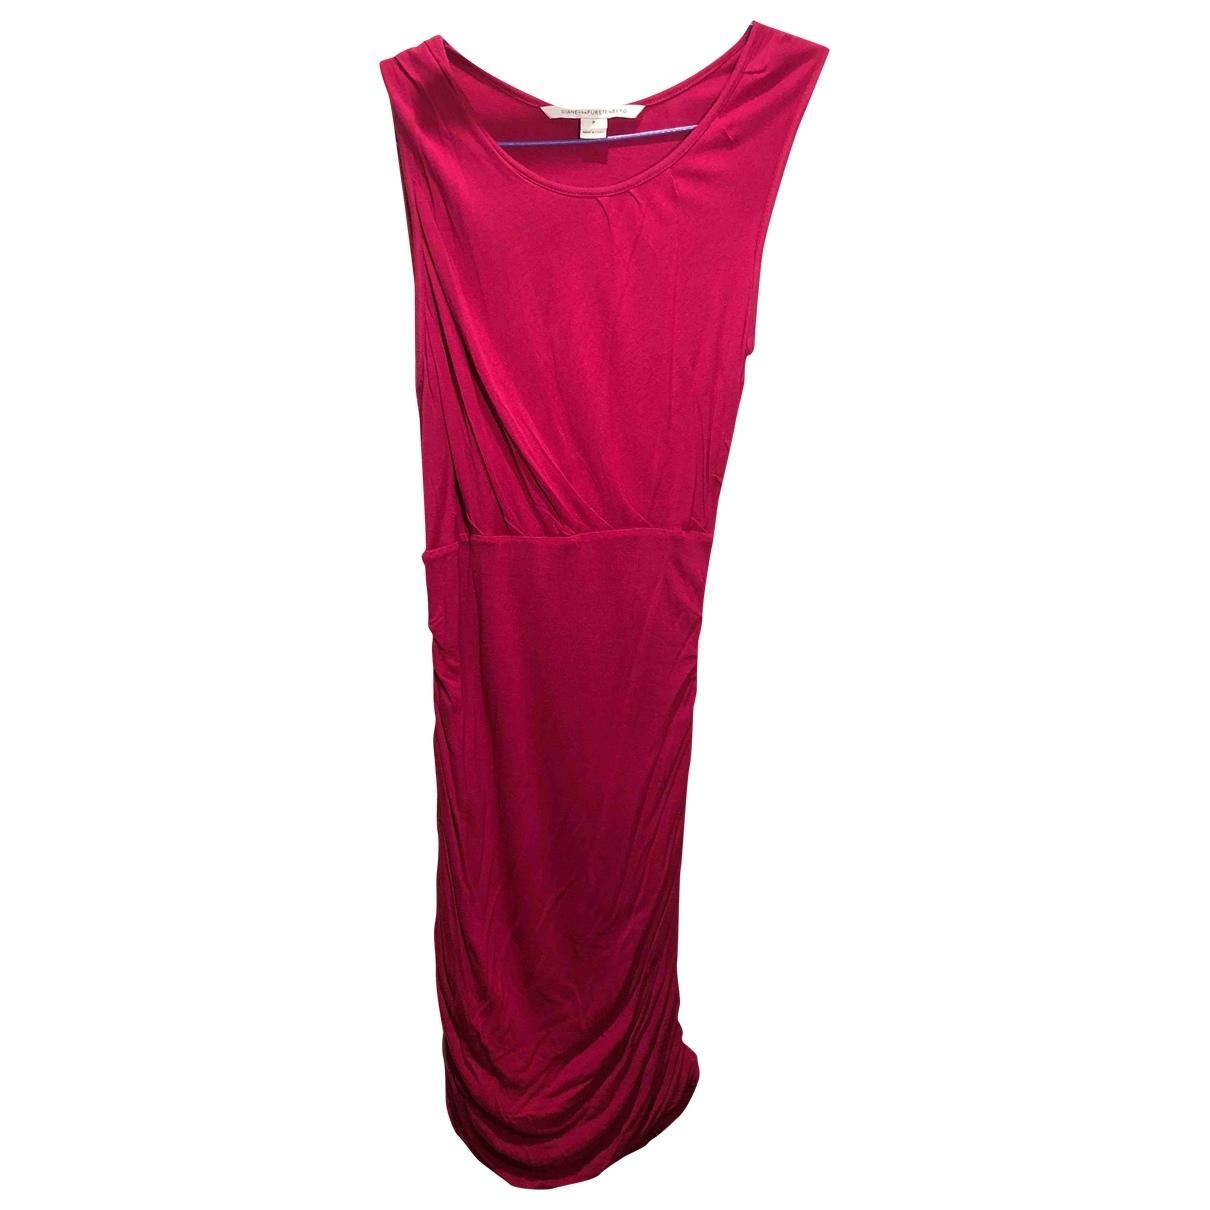 Diane Von Furstenberg \N Kleid in  Rosa Baumwolle - Elasthan